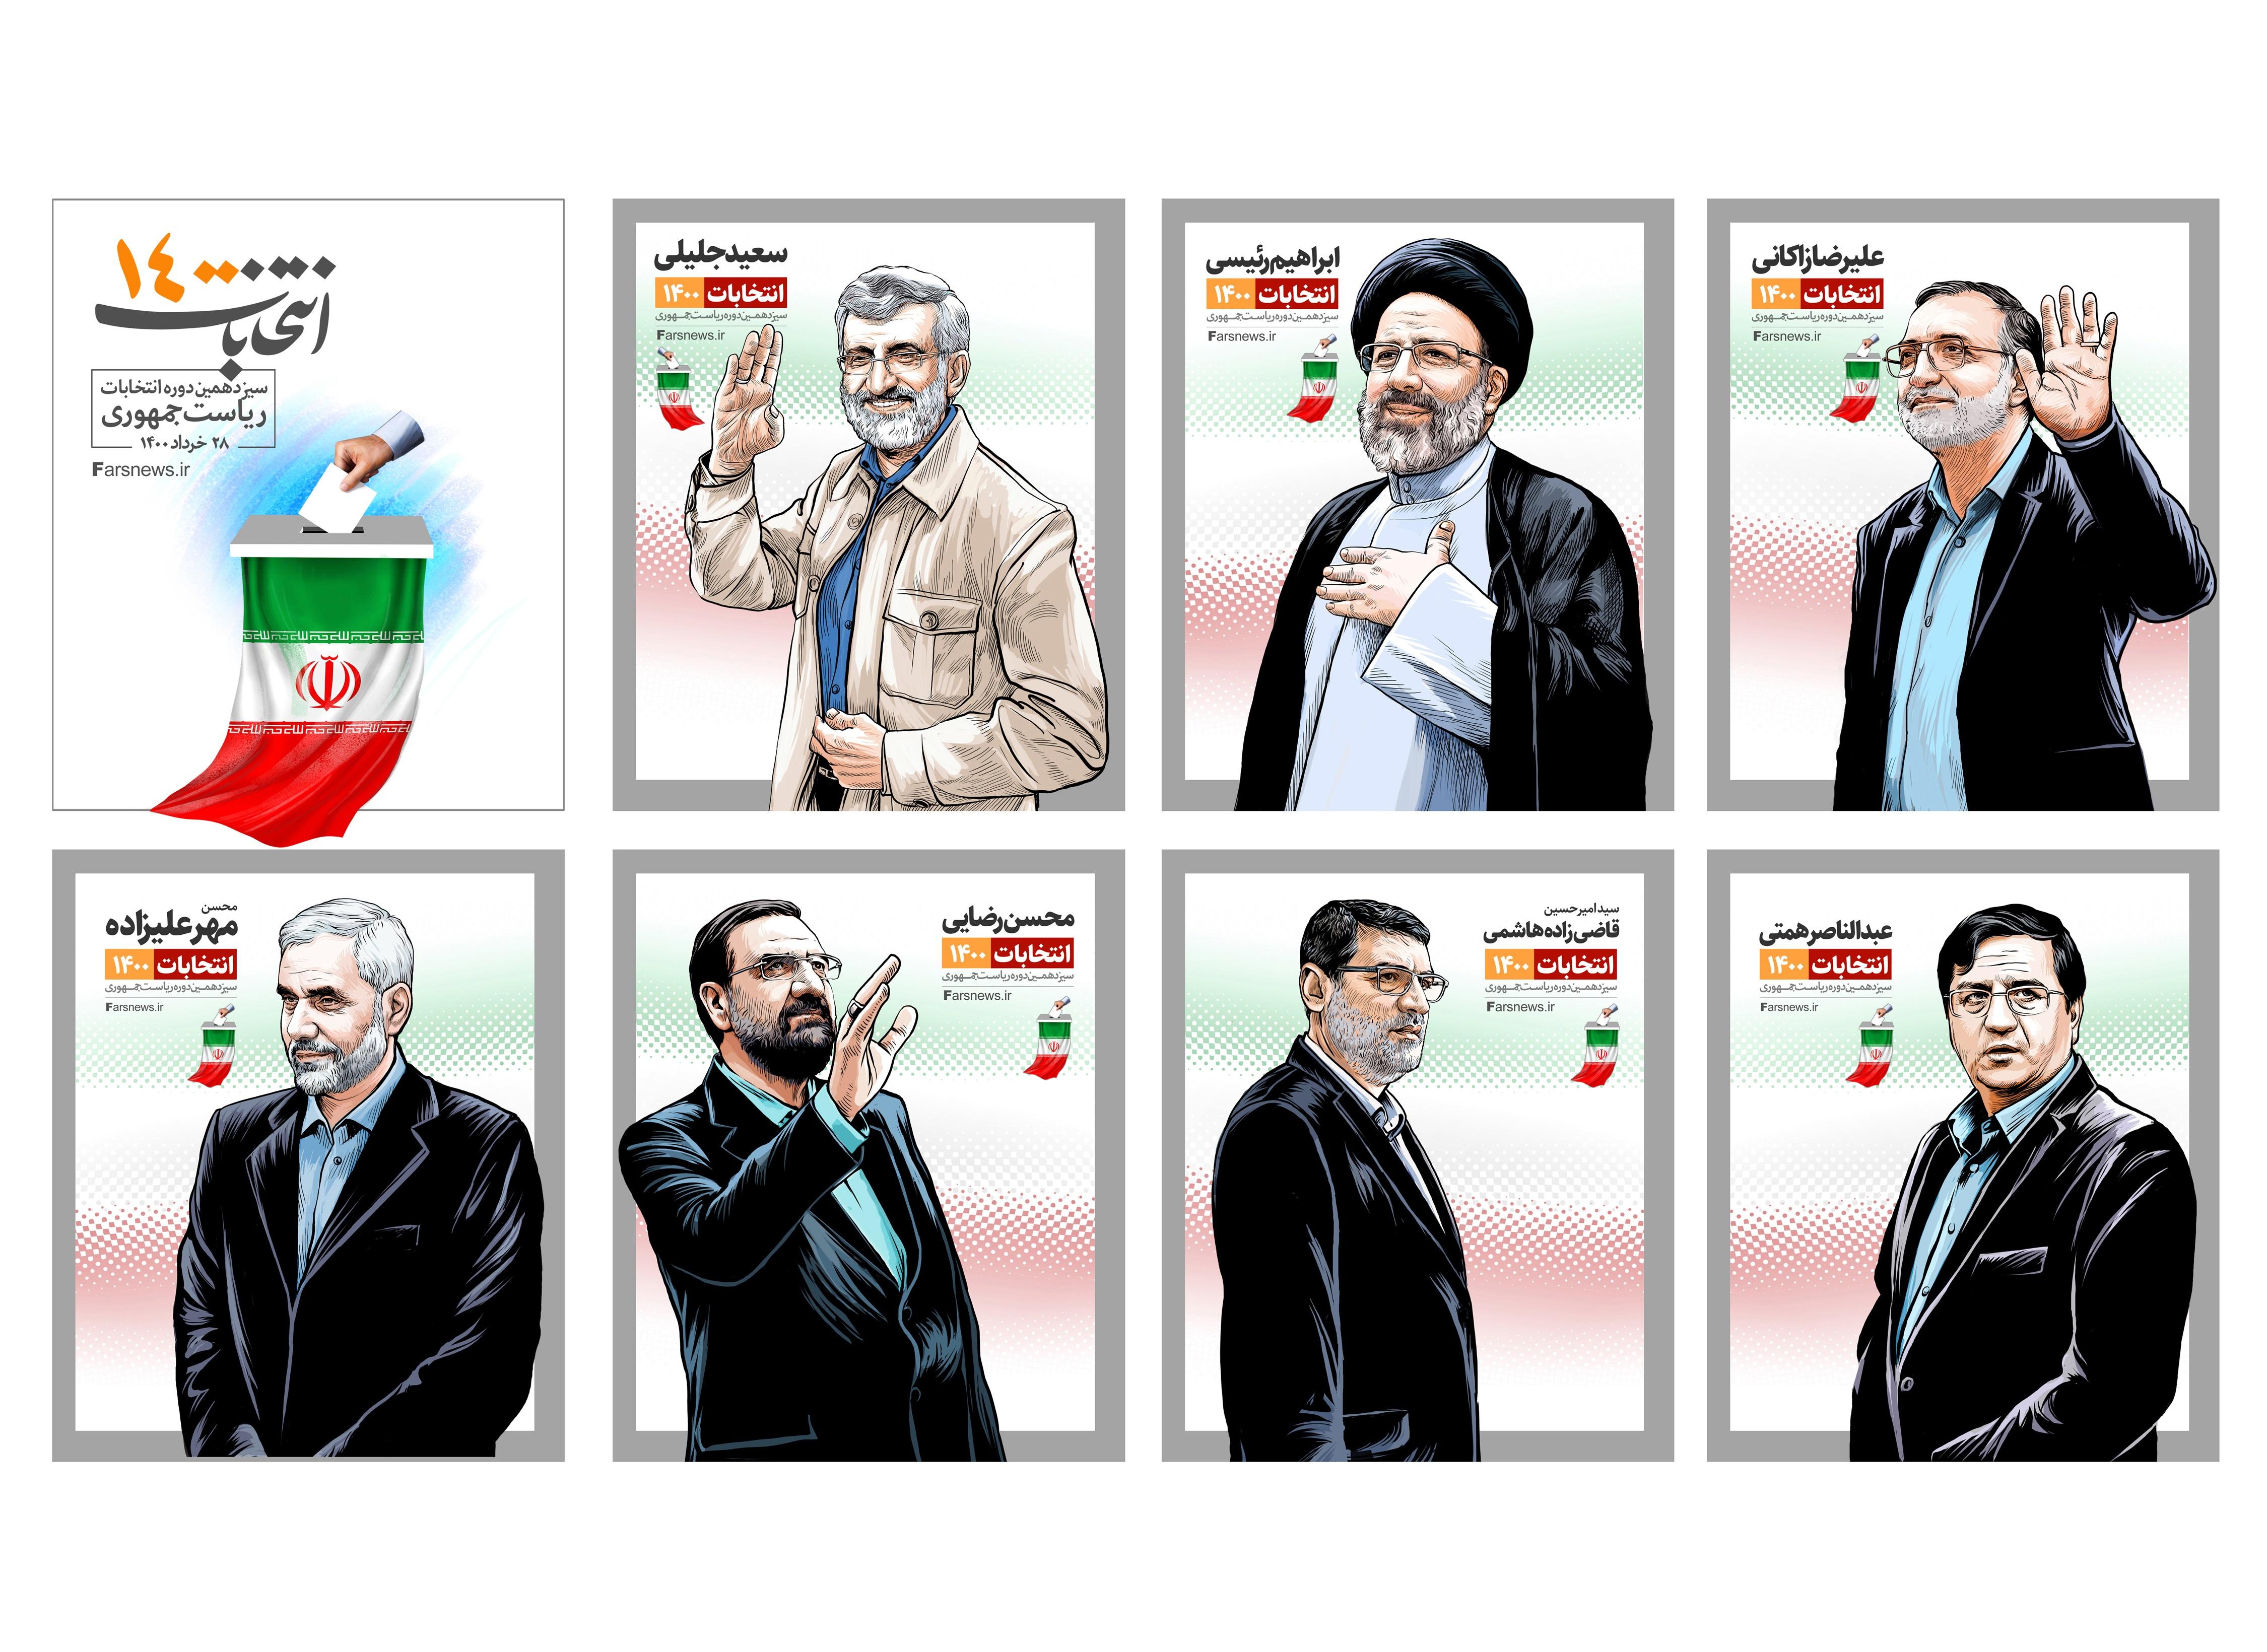 پوستر | رقابت ۷ کاندیدا برای پیشرفت ایران